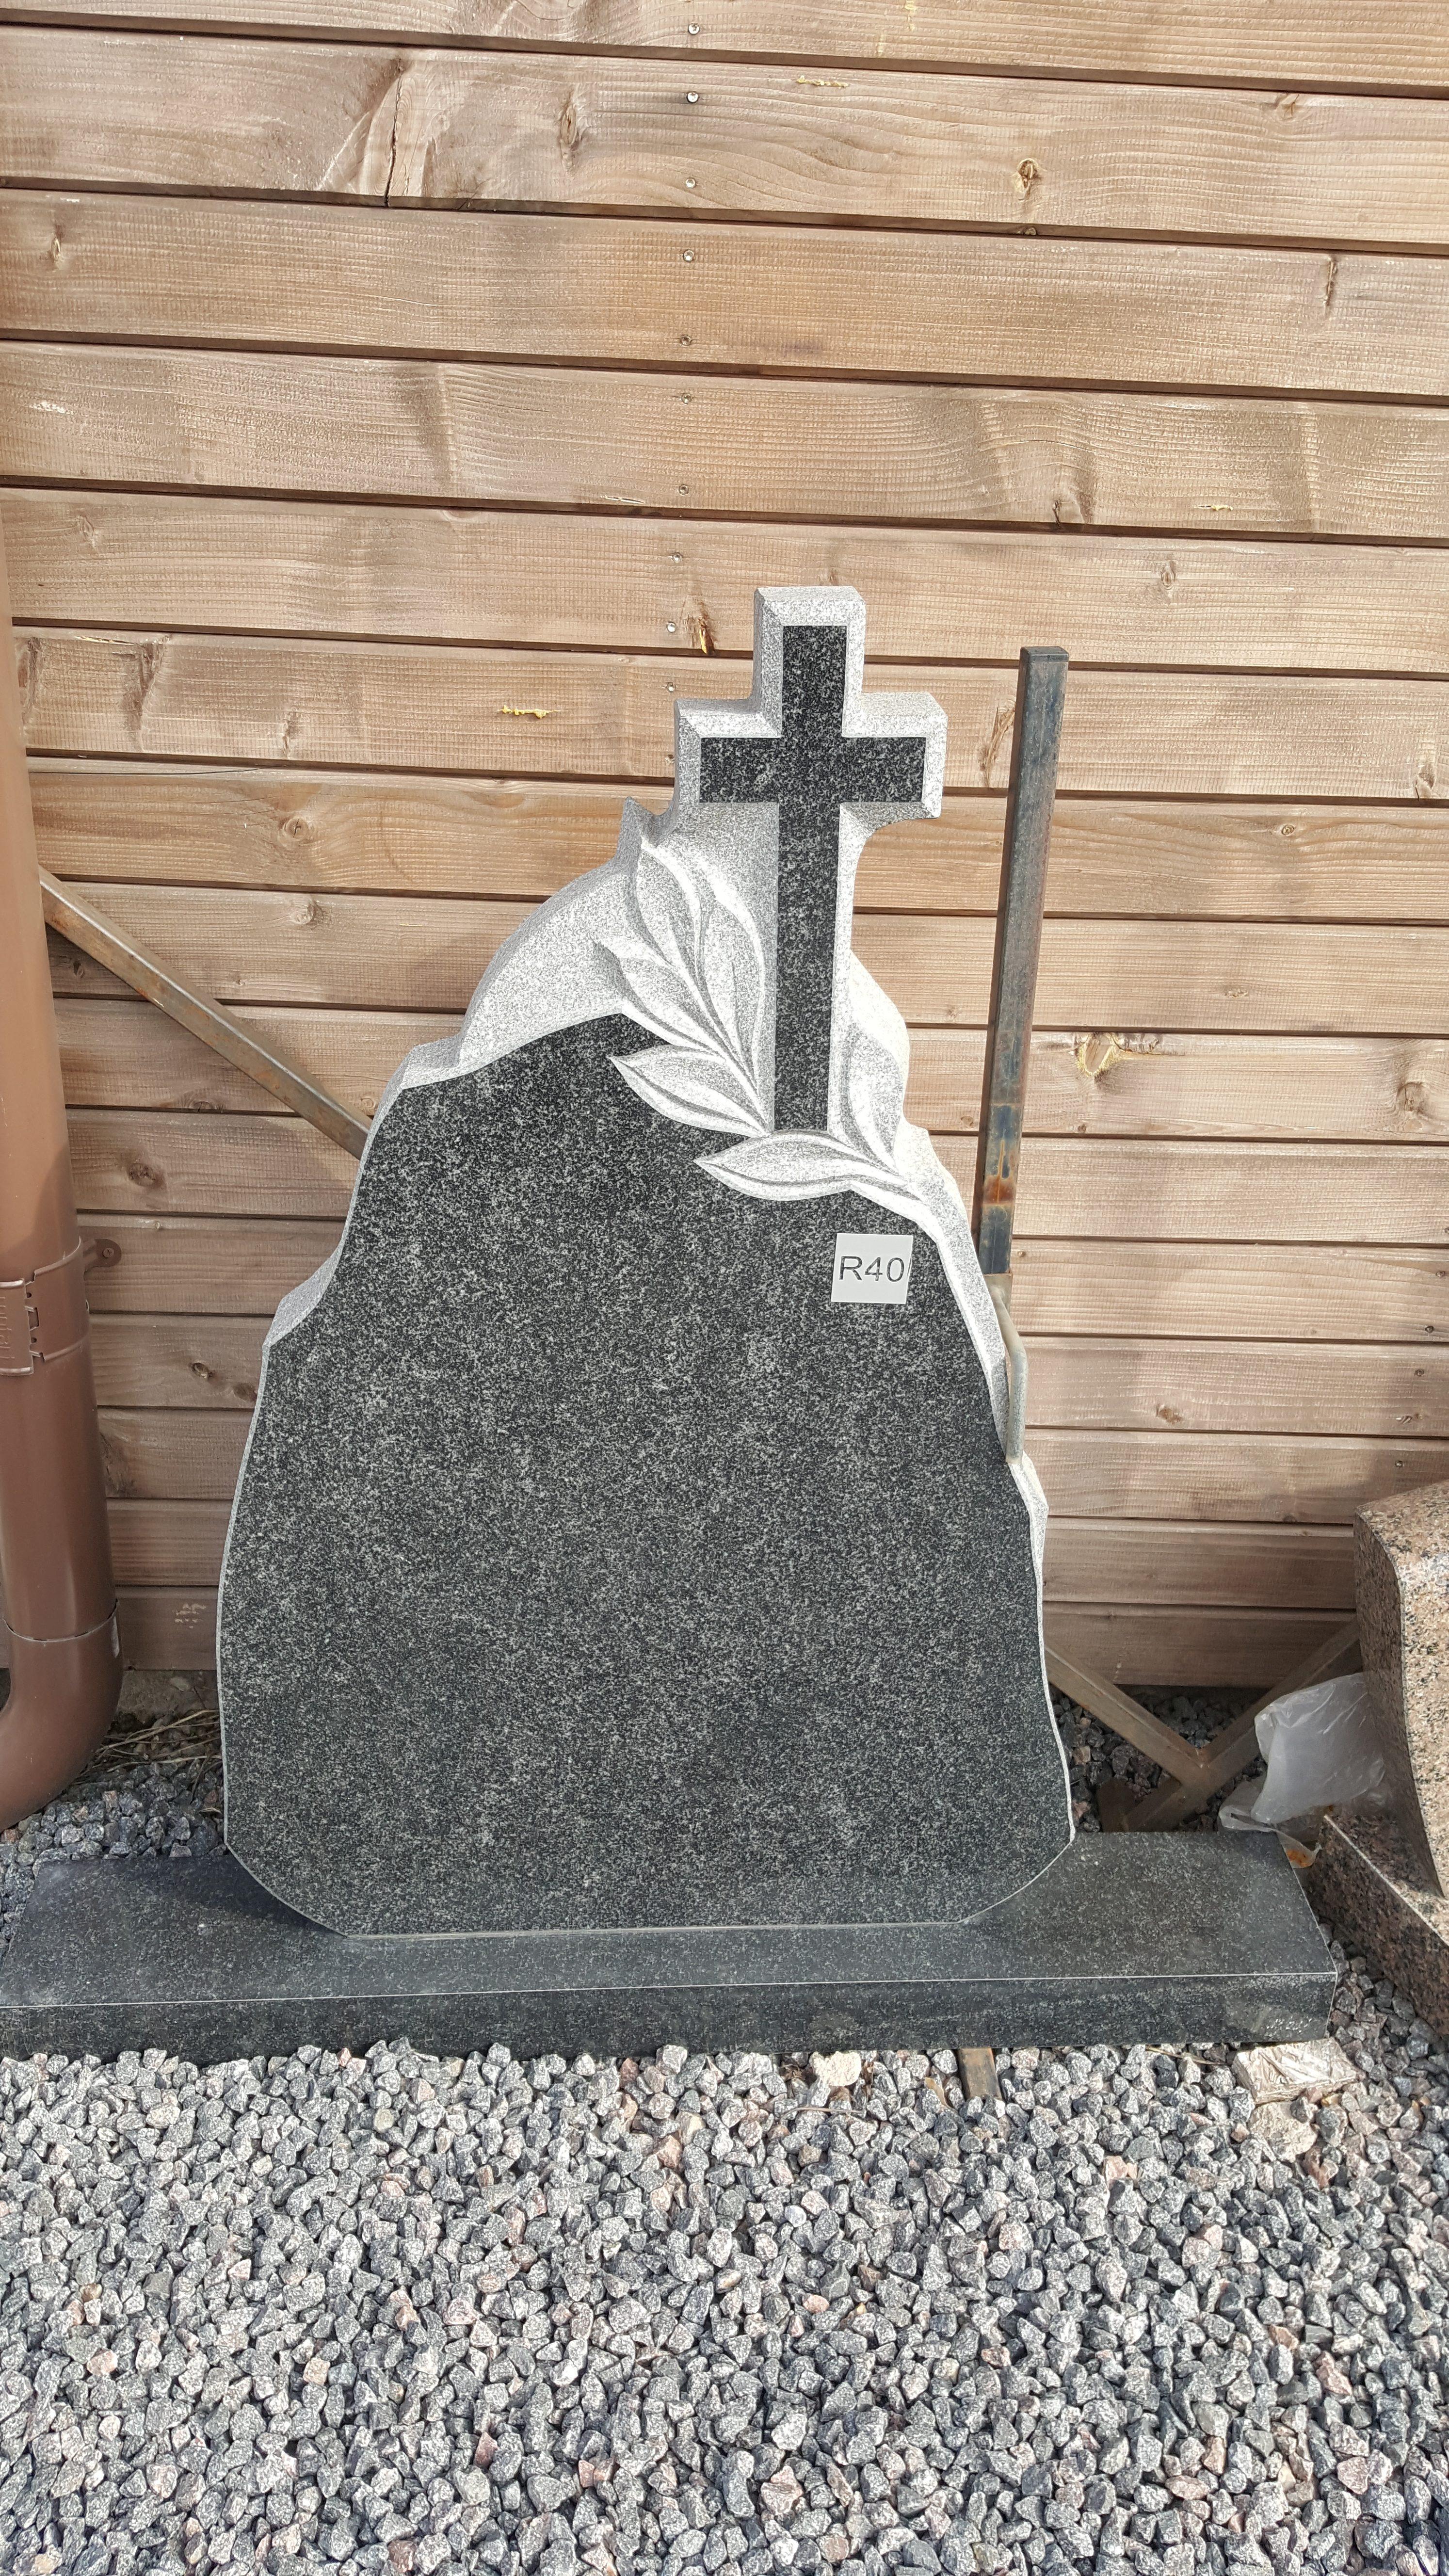 juodo Gabro diabaz granito paminklas